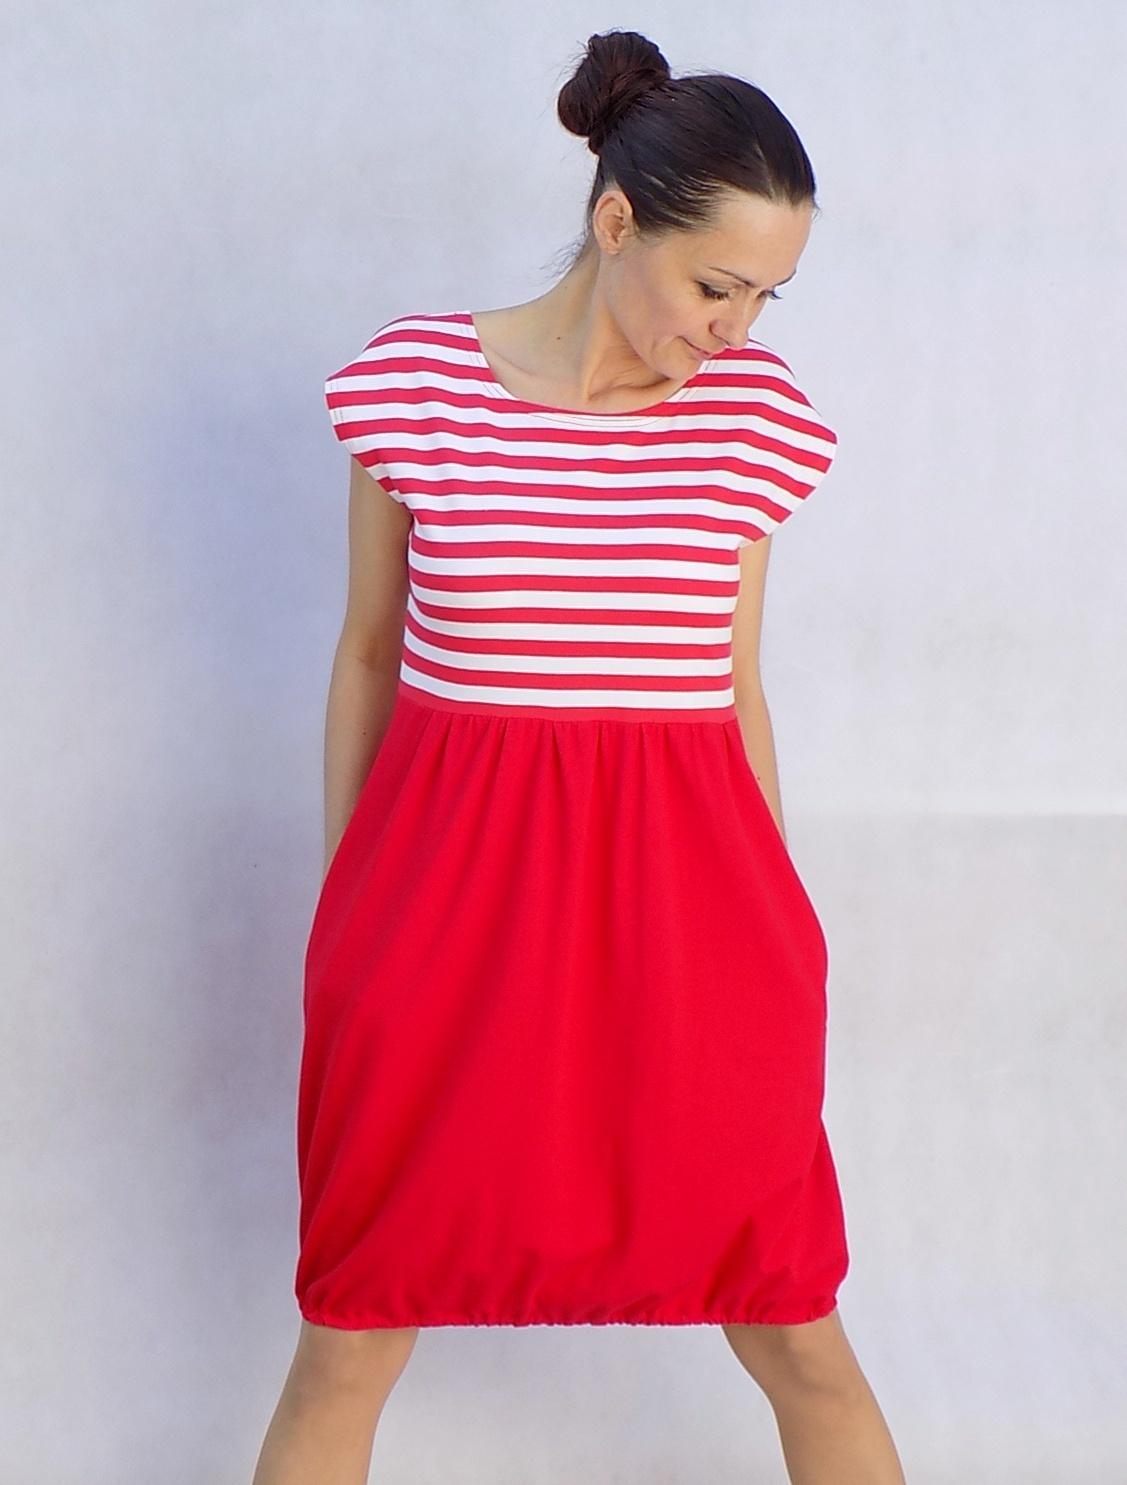 Červené šaty s proužky...vel. M   Zboží prodejce LaPanika  bf2270026d3